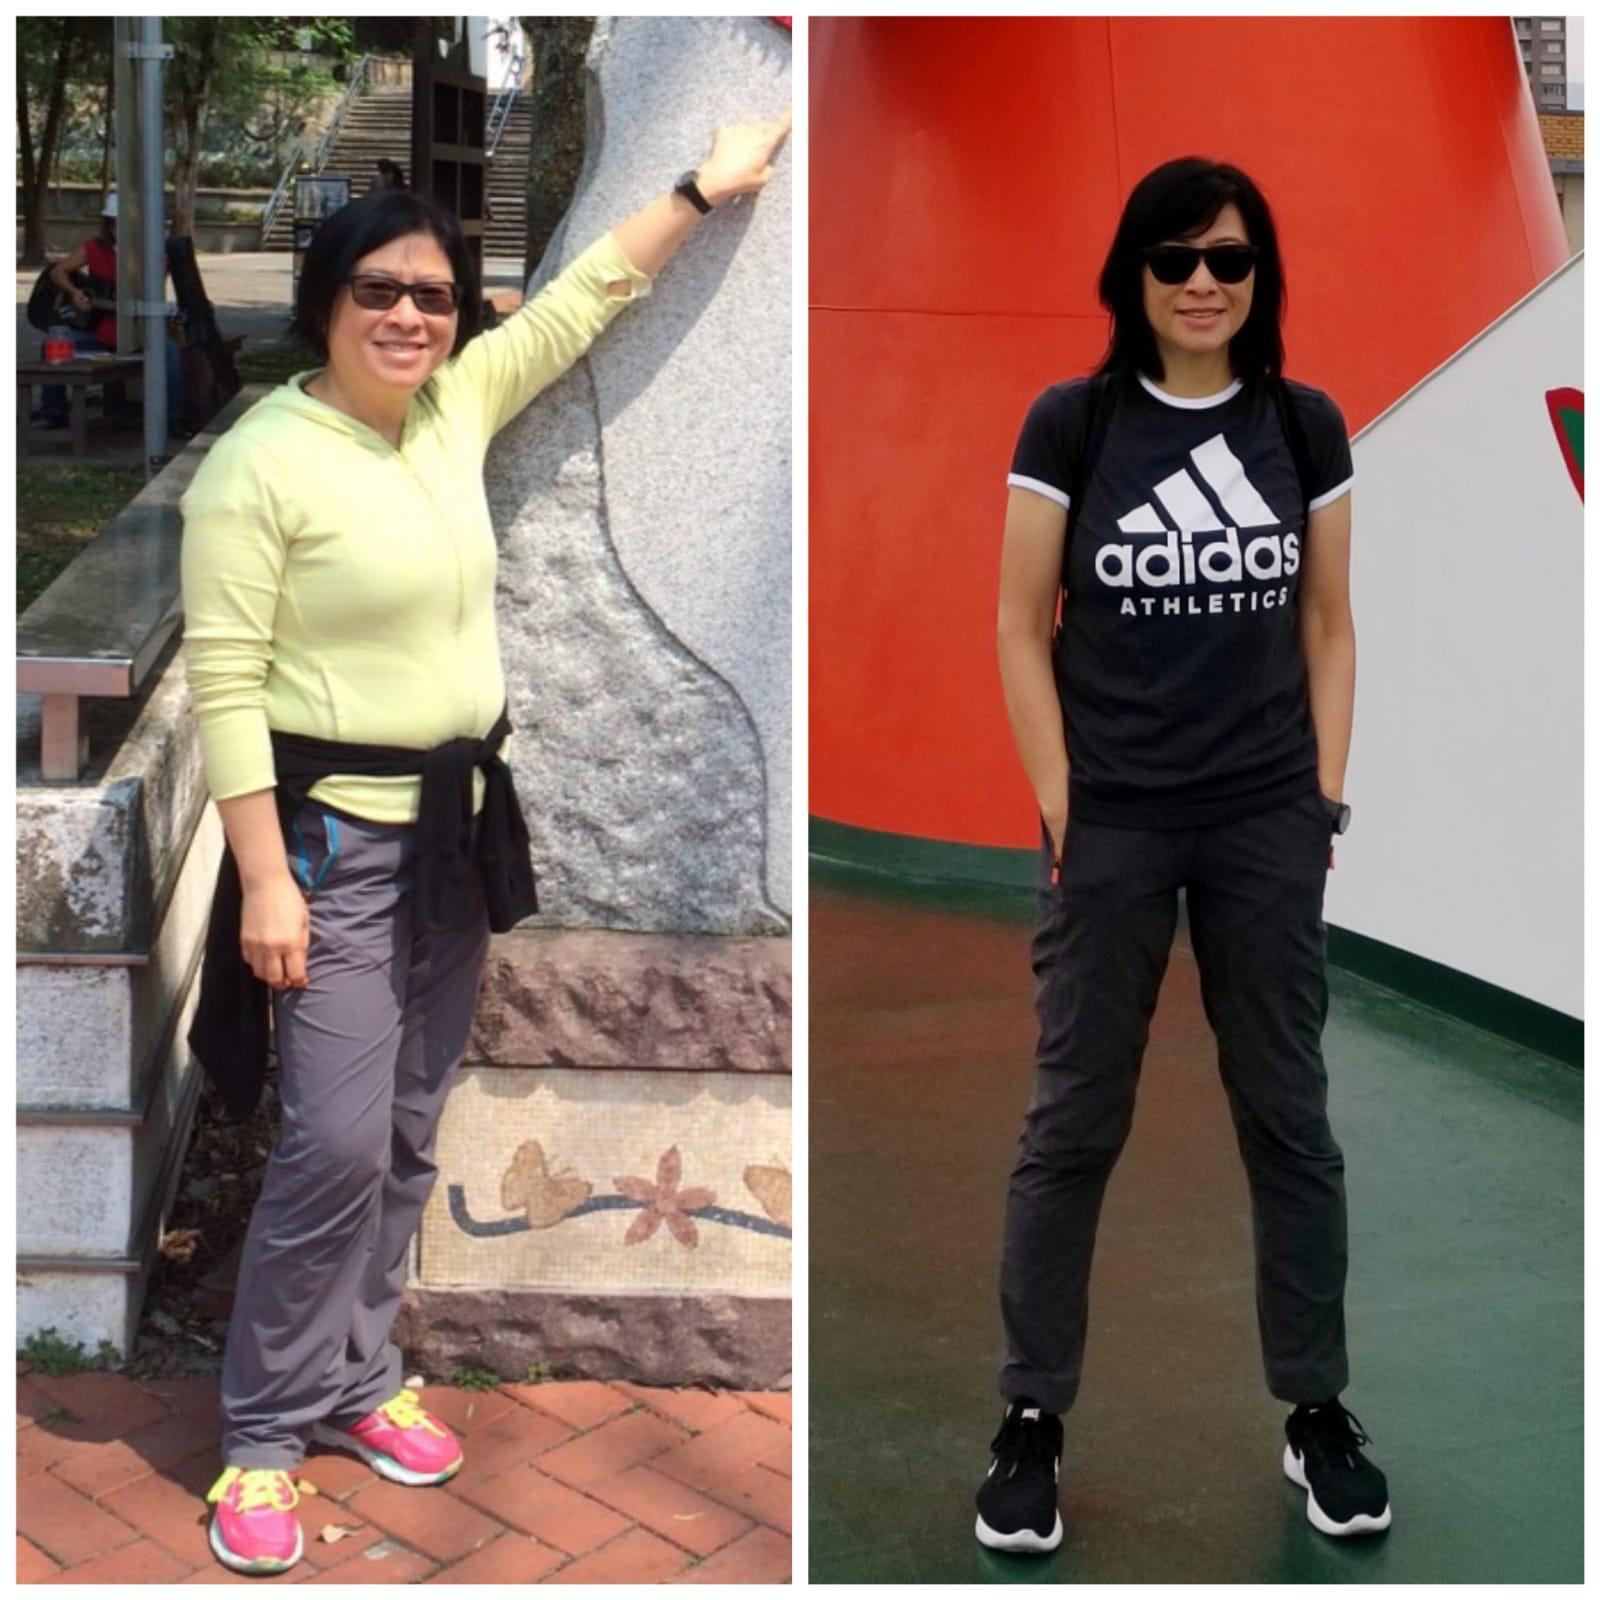 5 foot 3 Female Progress Pics of 60 lbs Fat Loss 177 lbs to 117 lbs